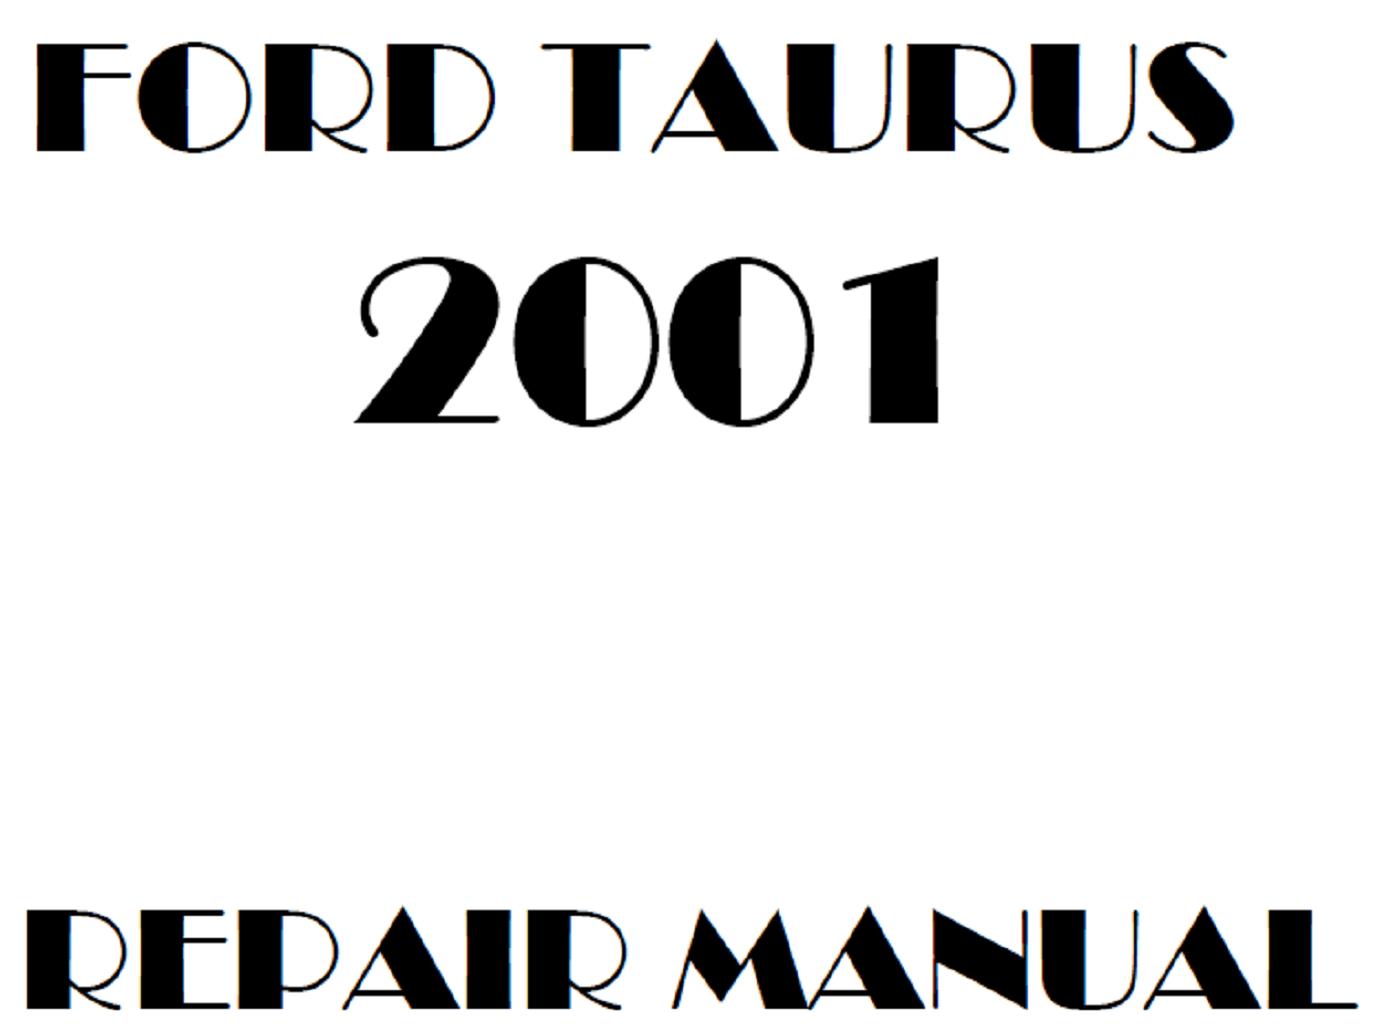 2001 Ford Taurus repair manual